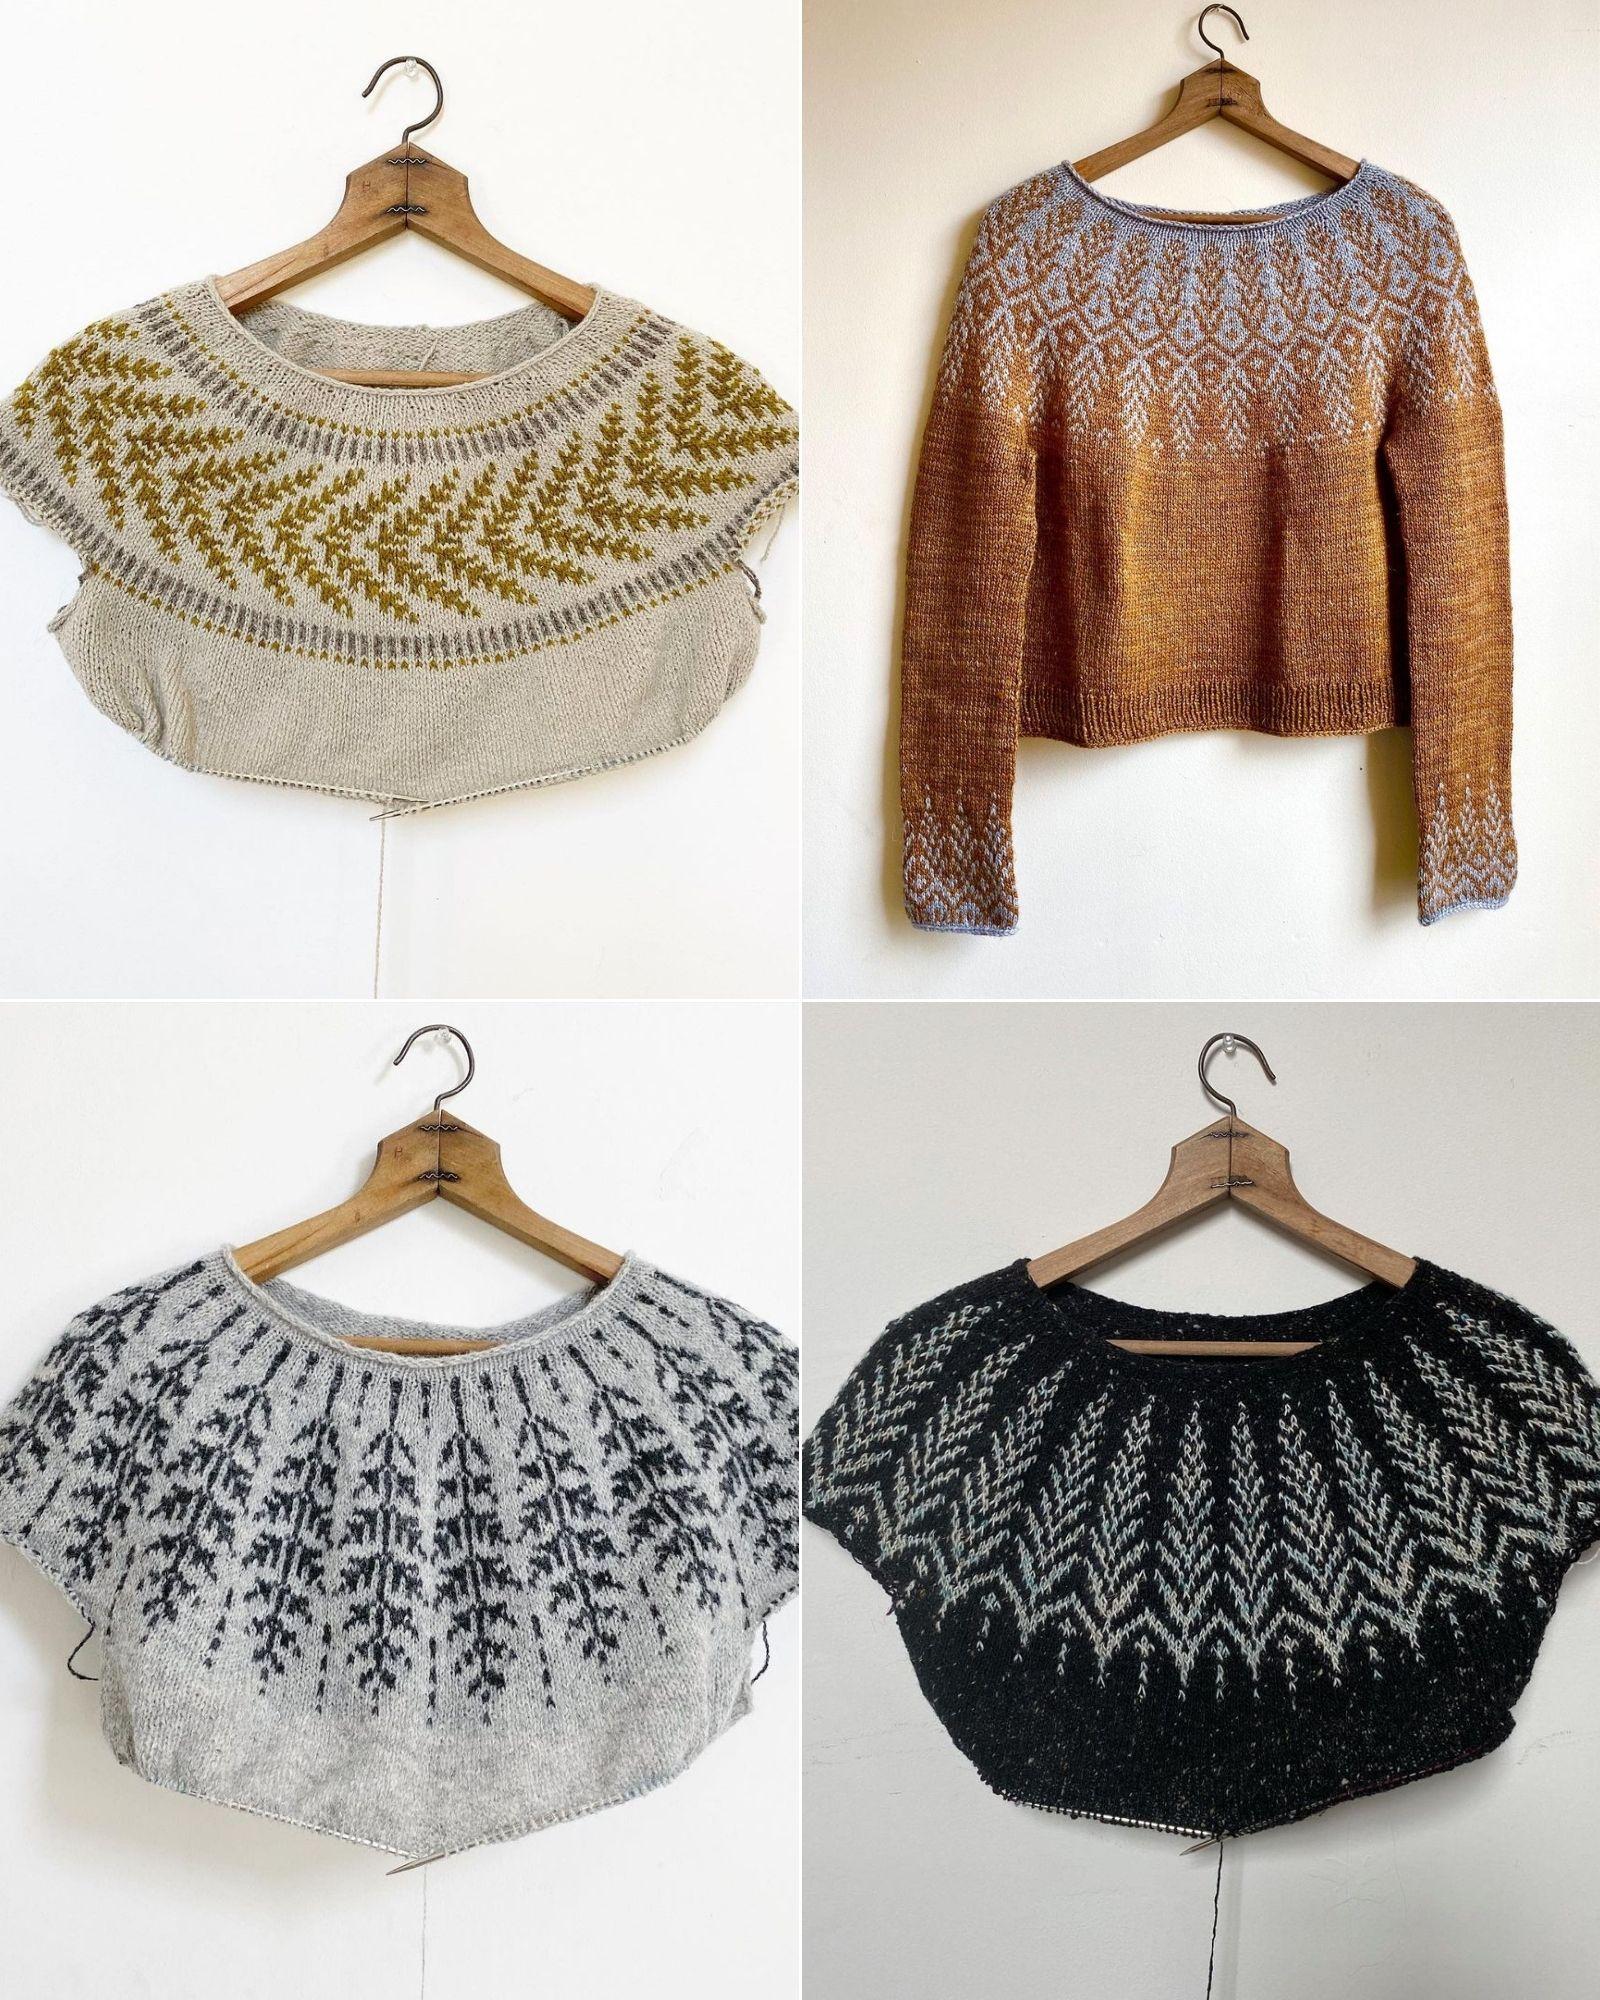 Tài khoản Instagram @knit.love.wool truyền cảm hứng đan len